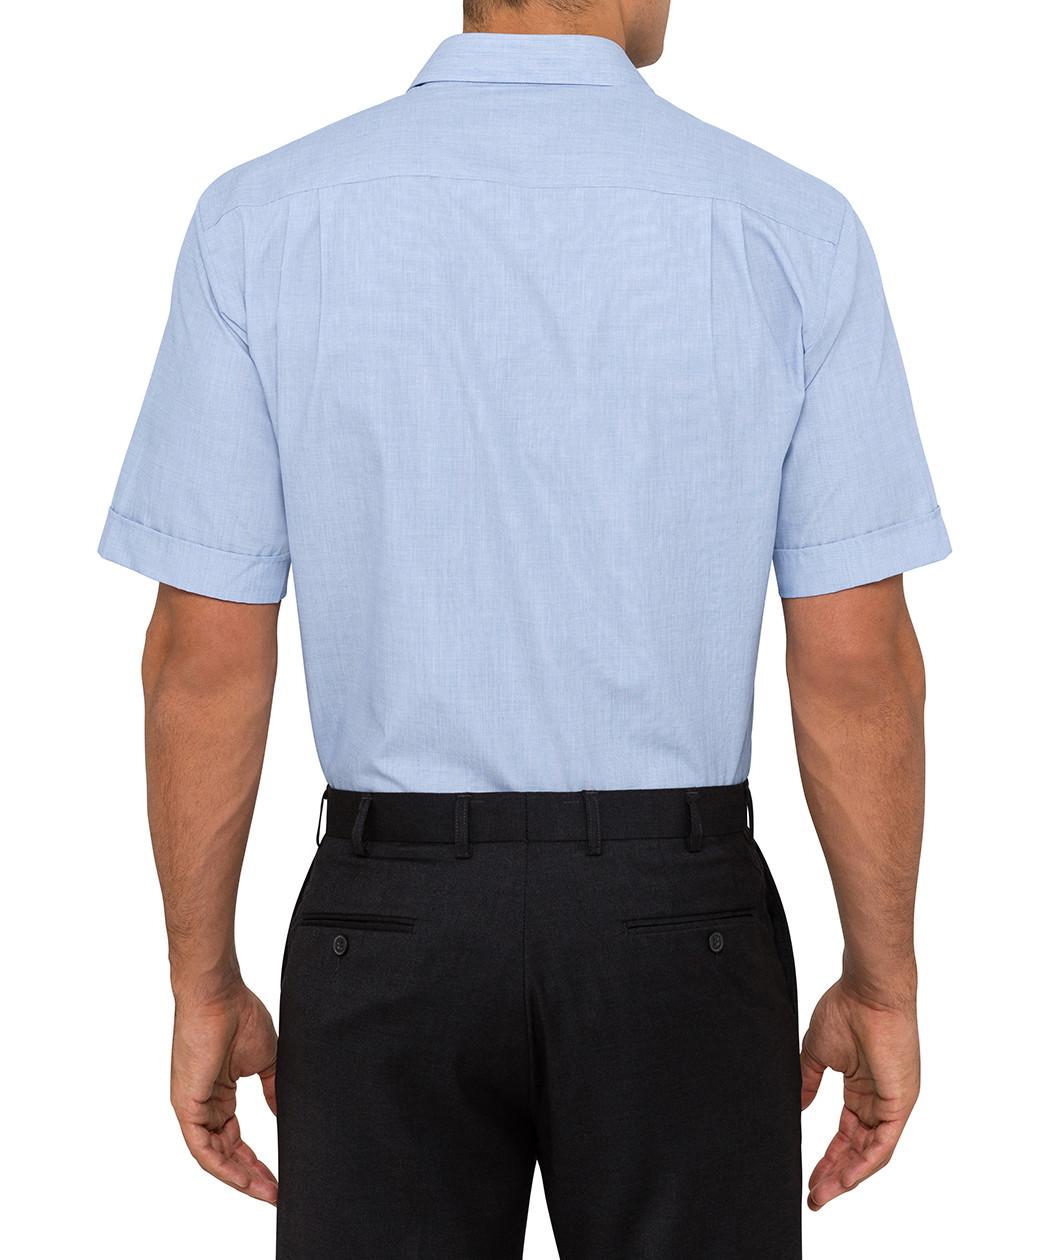 Dress Shirts for Men  Hudsons Bay